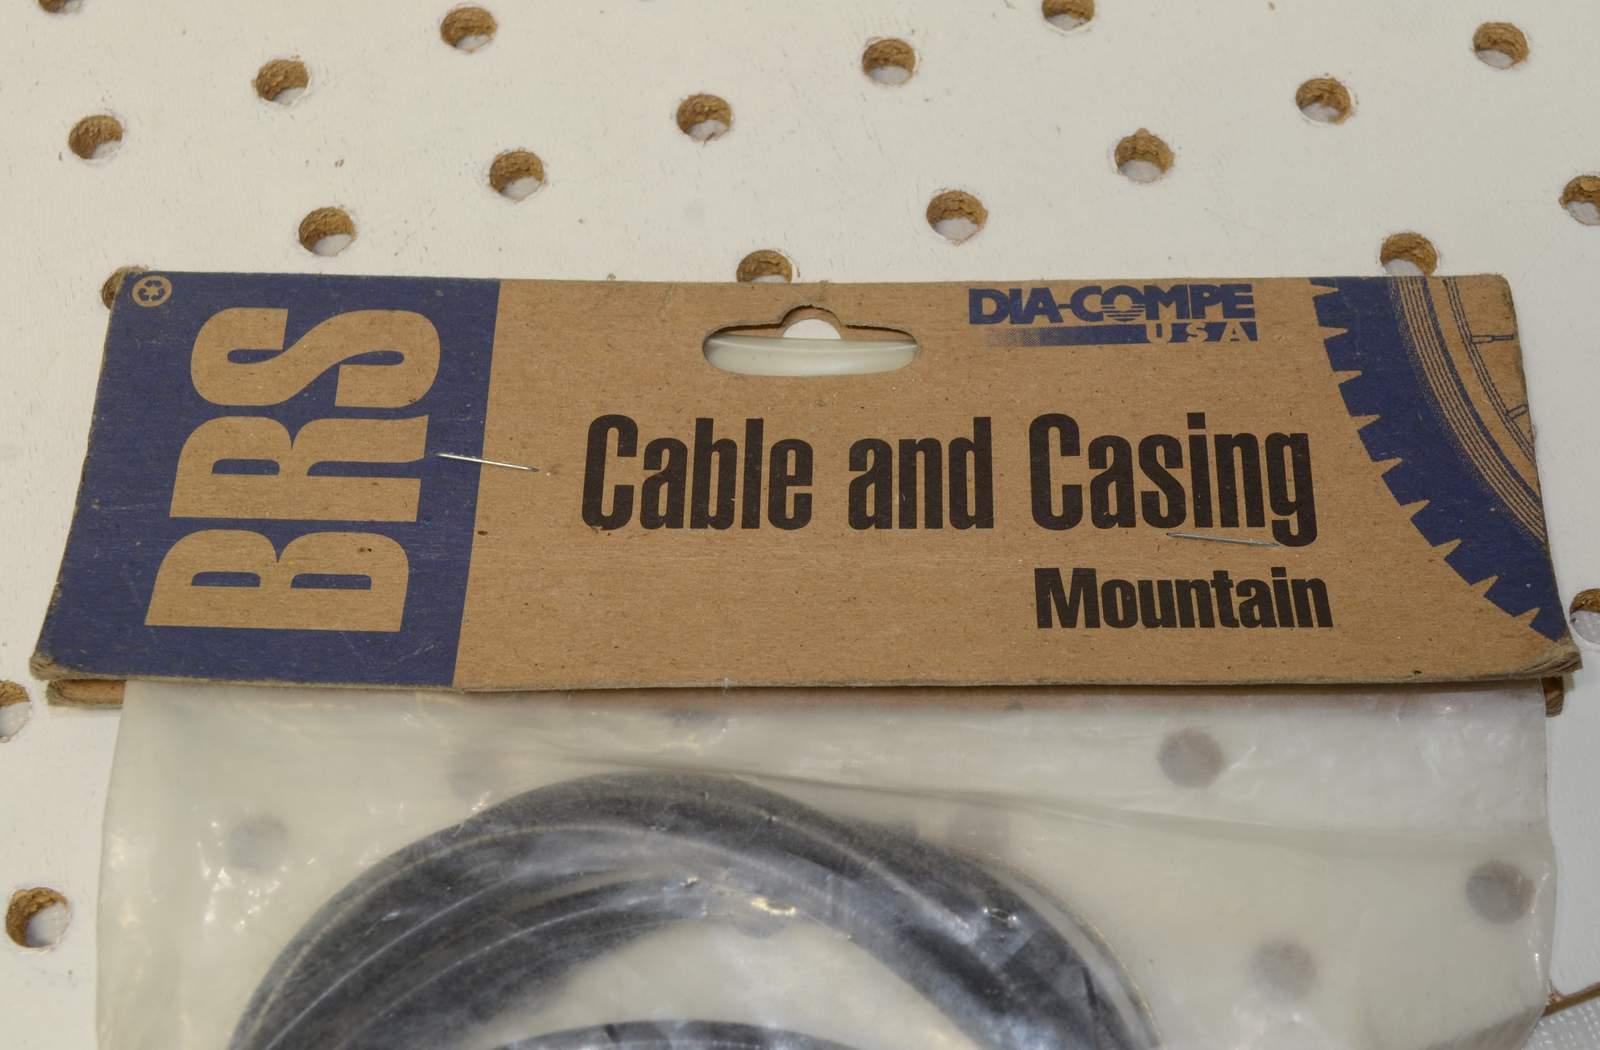 http://uploads.bmxmuseum.com/user-images/17782/dia-compe-brake-cable...85bf9de520c.jpg